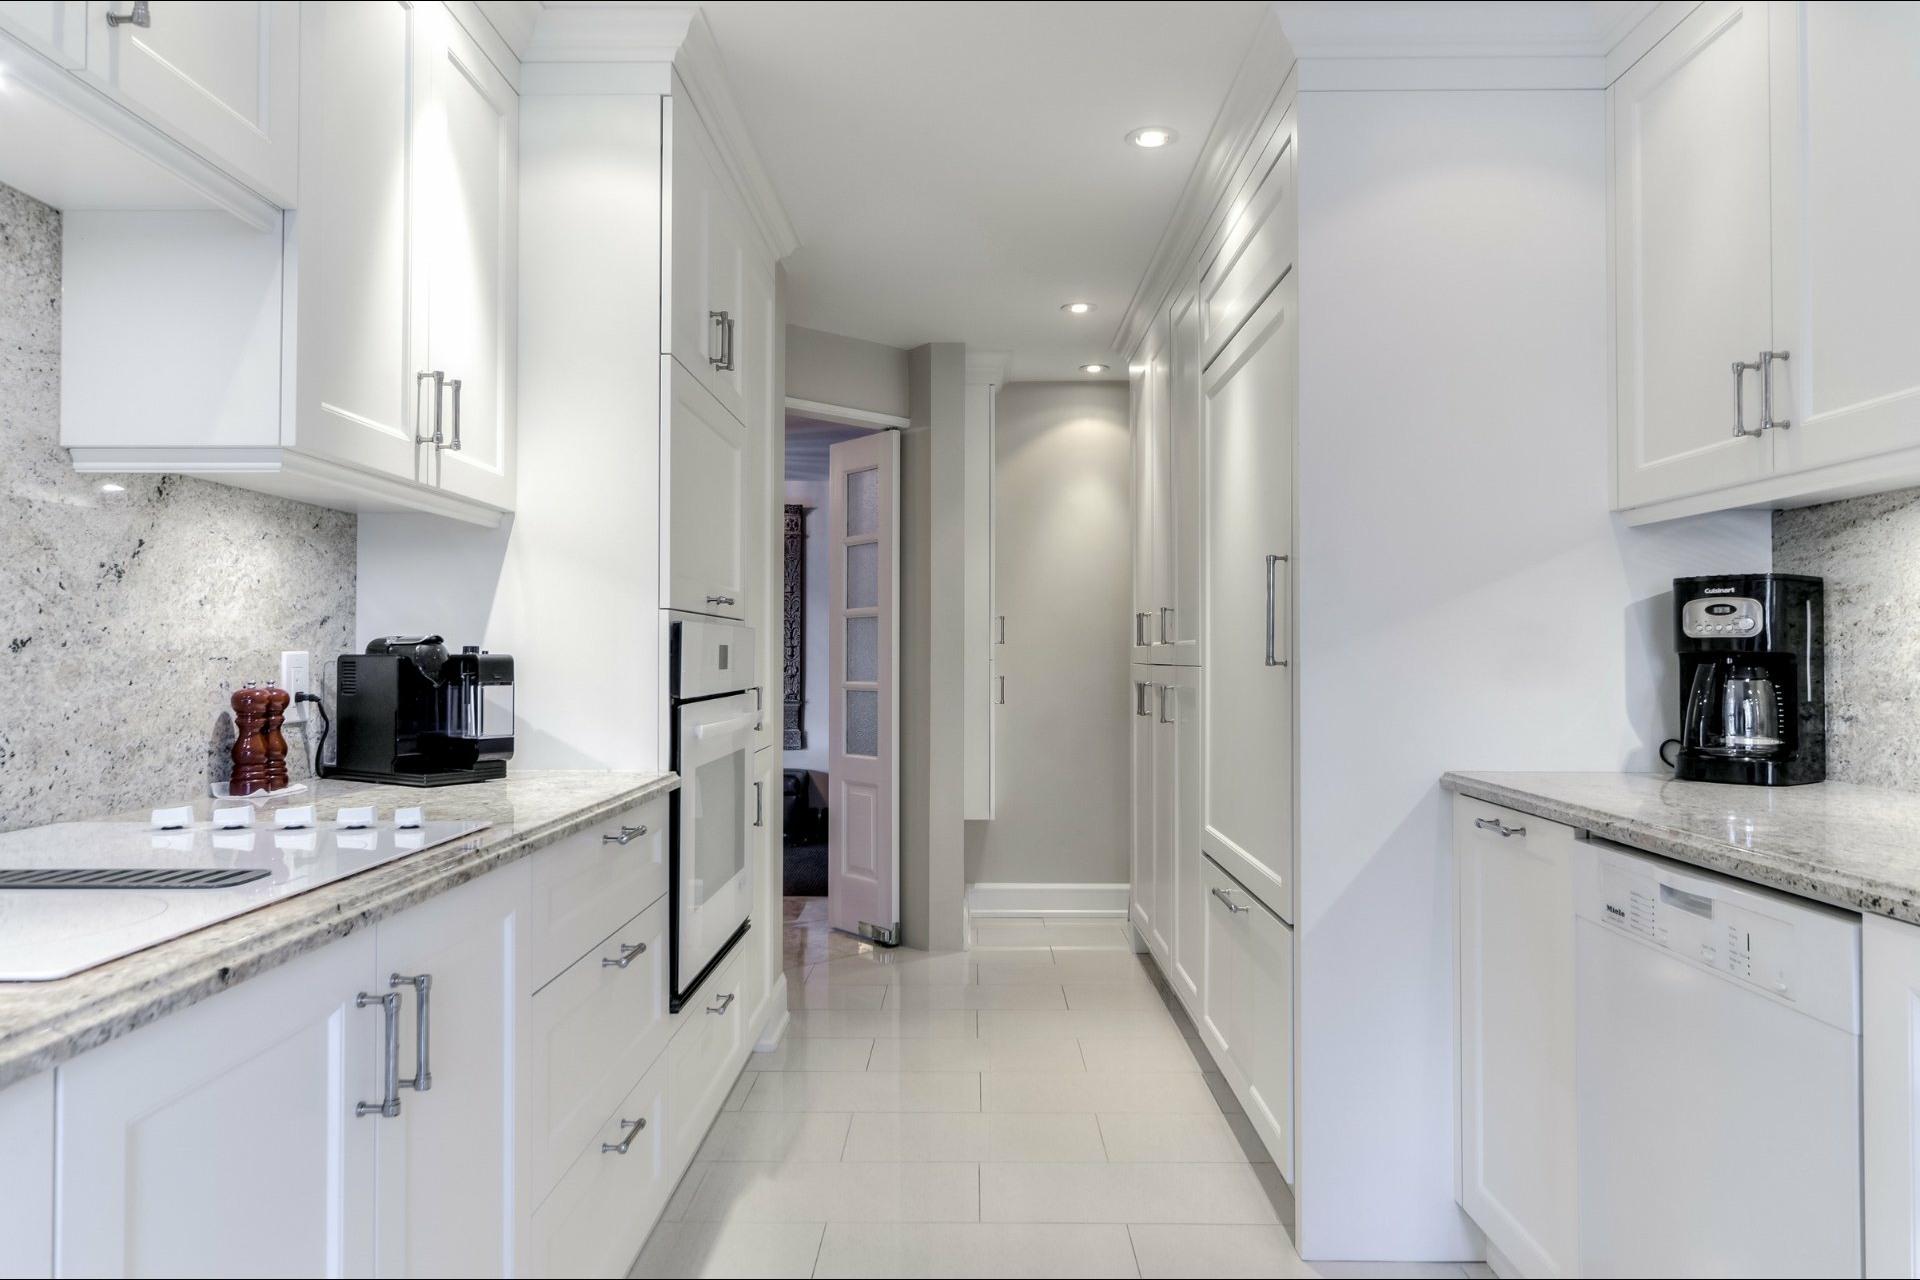 image 15 - 公寓 出售 Côte-des-Neiges/Notre-Dame-de-Grâce Montréal  - 6 室